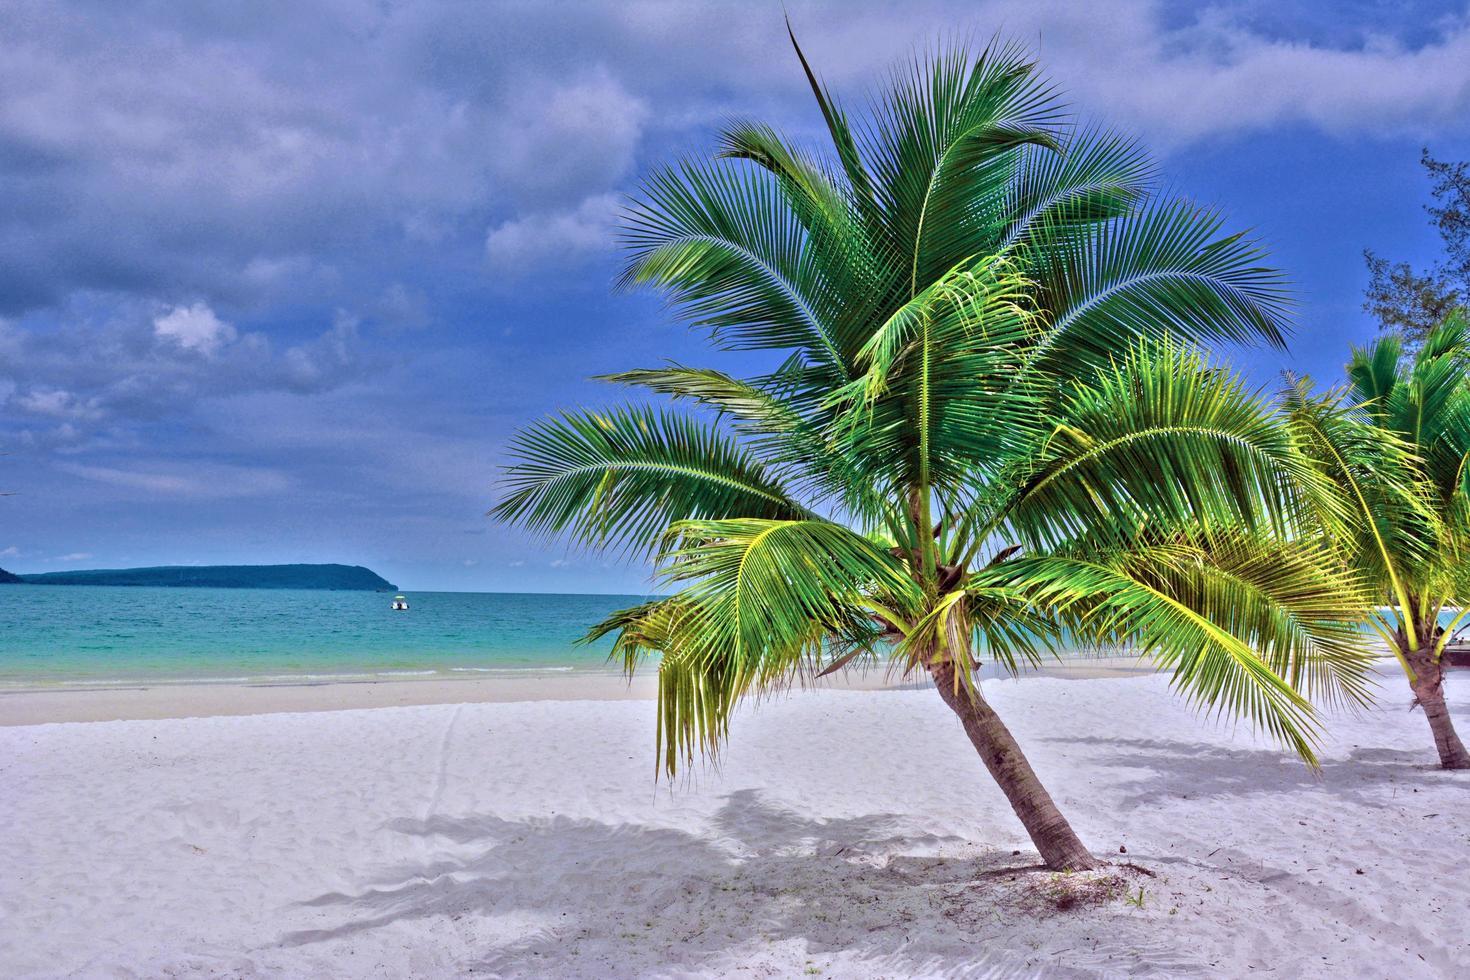 Palmera verde en la playa de arena blanca foto